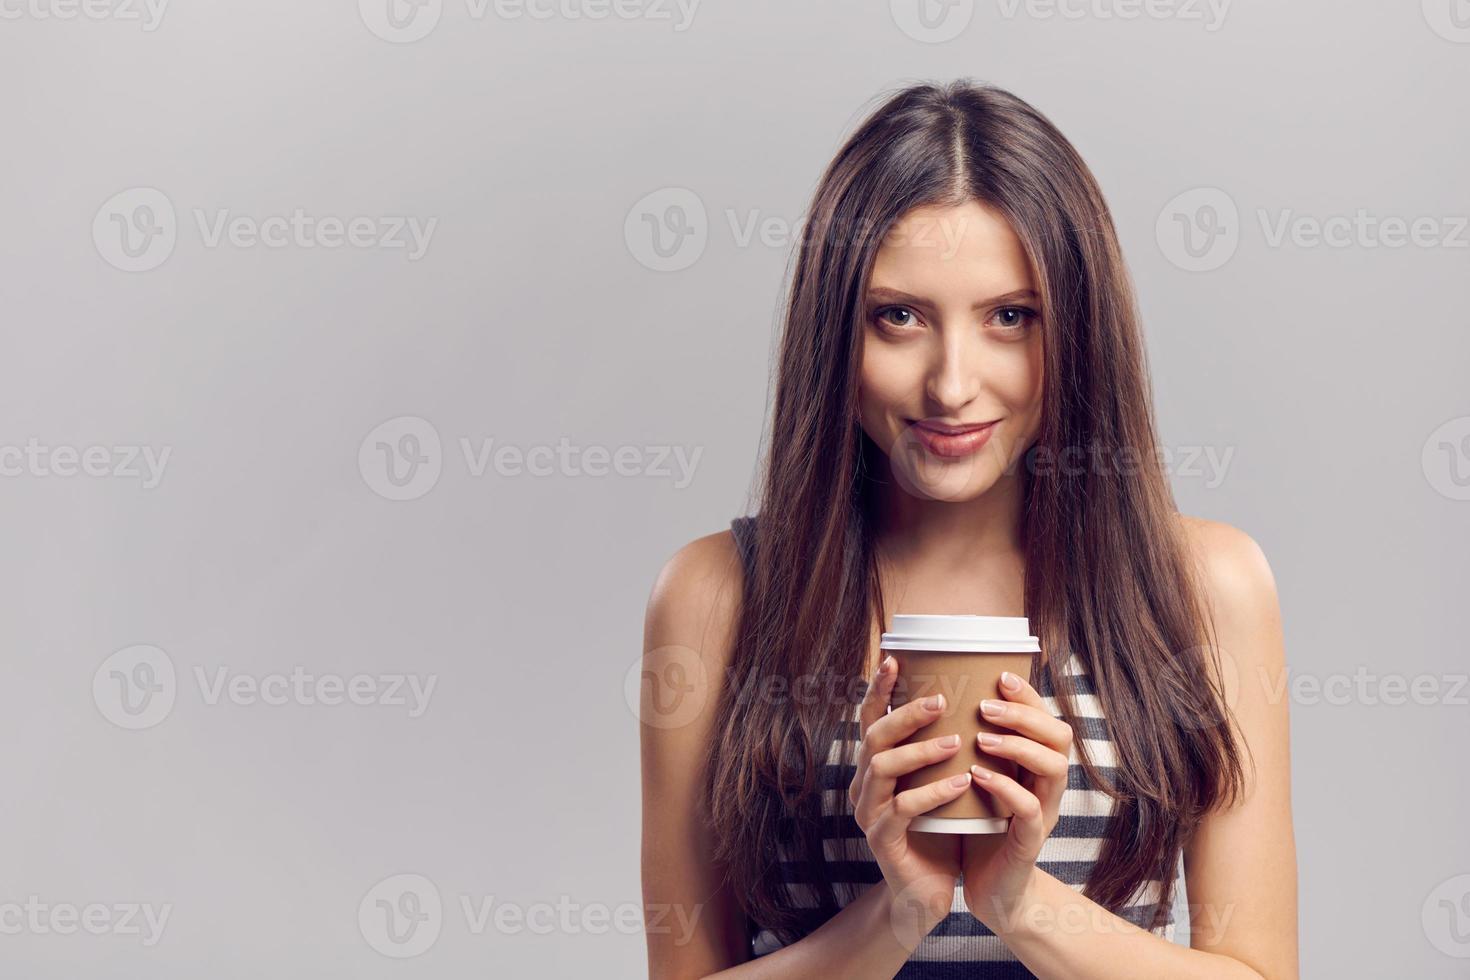 donna che beve bevanda calda dal bicchiere di carta usa e getta foto